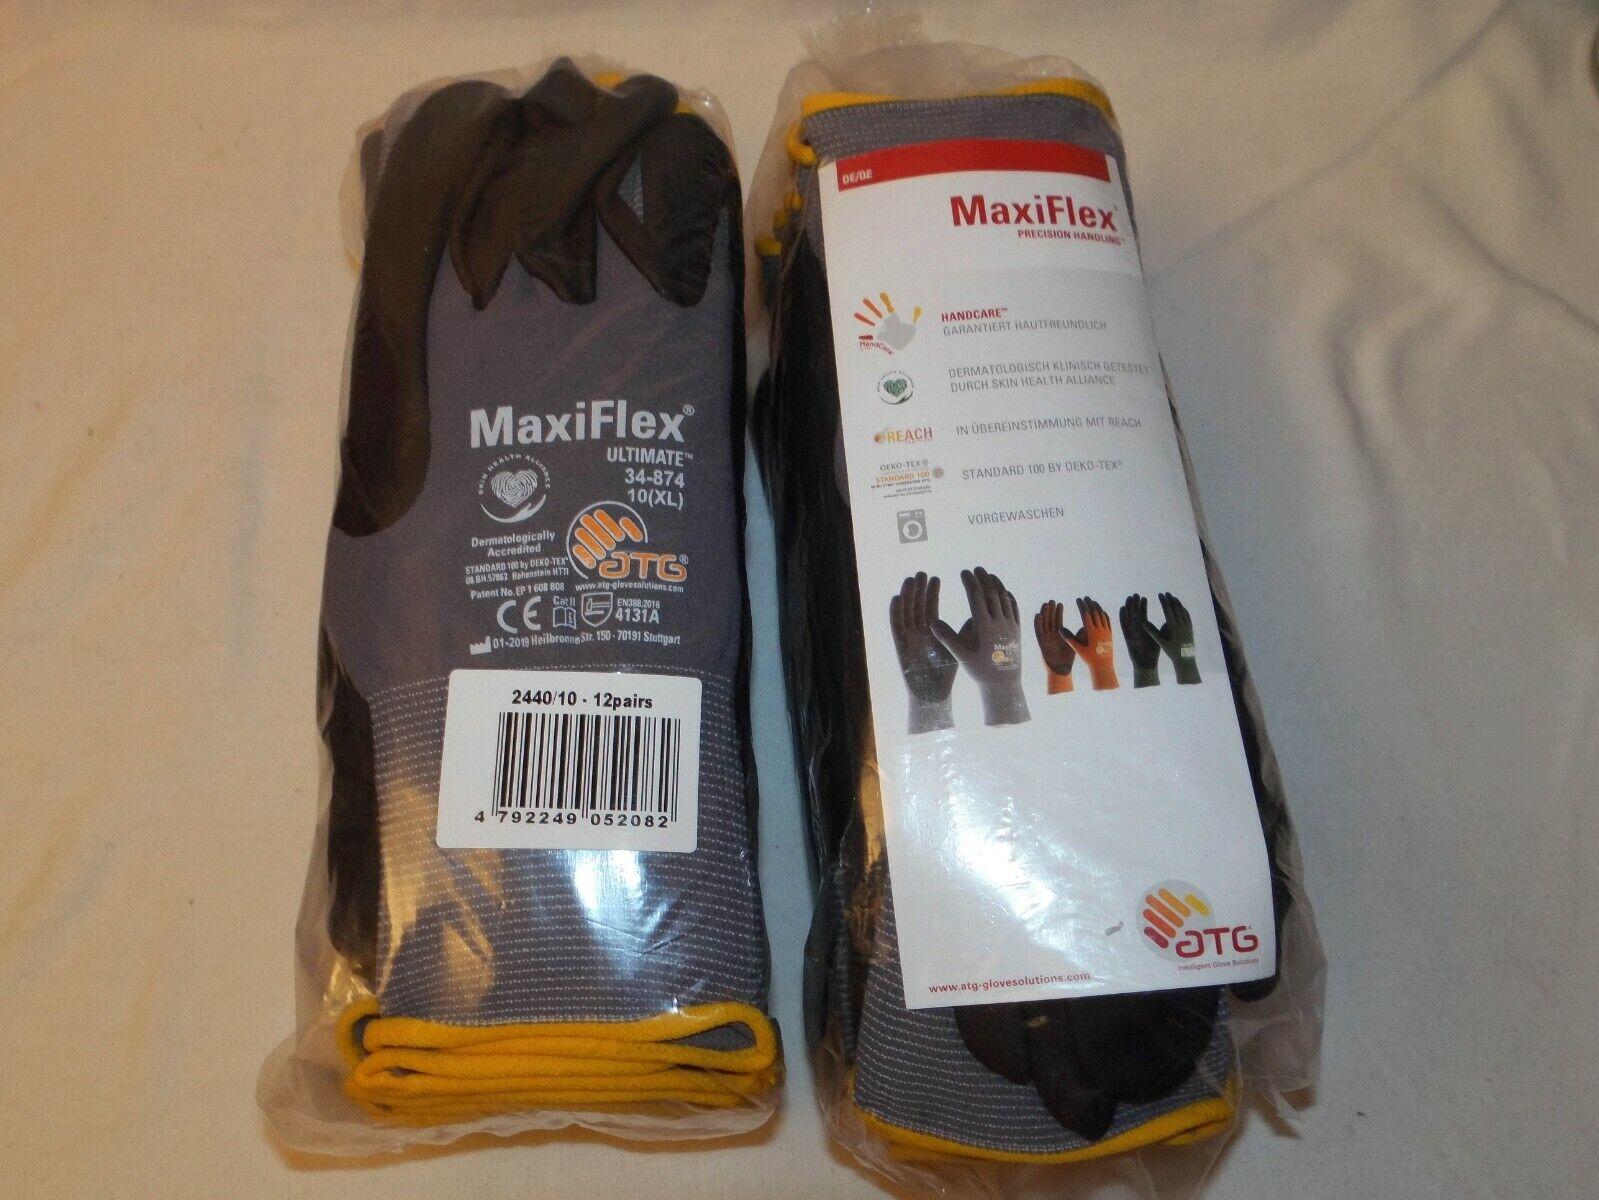 Maxiflex Handschuhe 2x12 Paar Gr.10 Neu